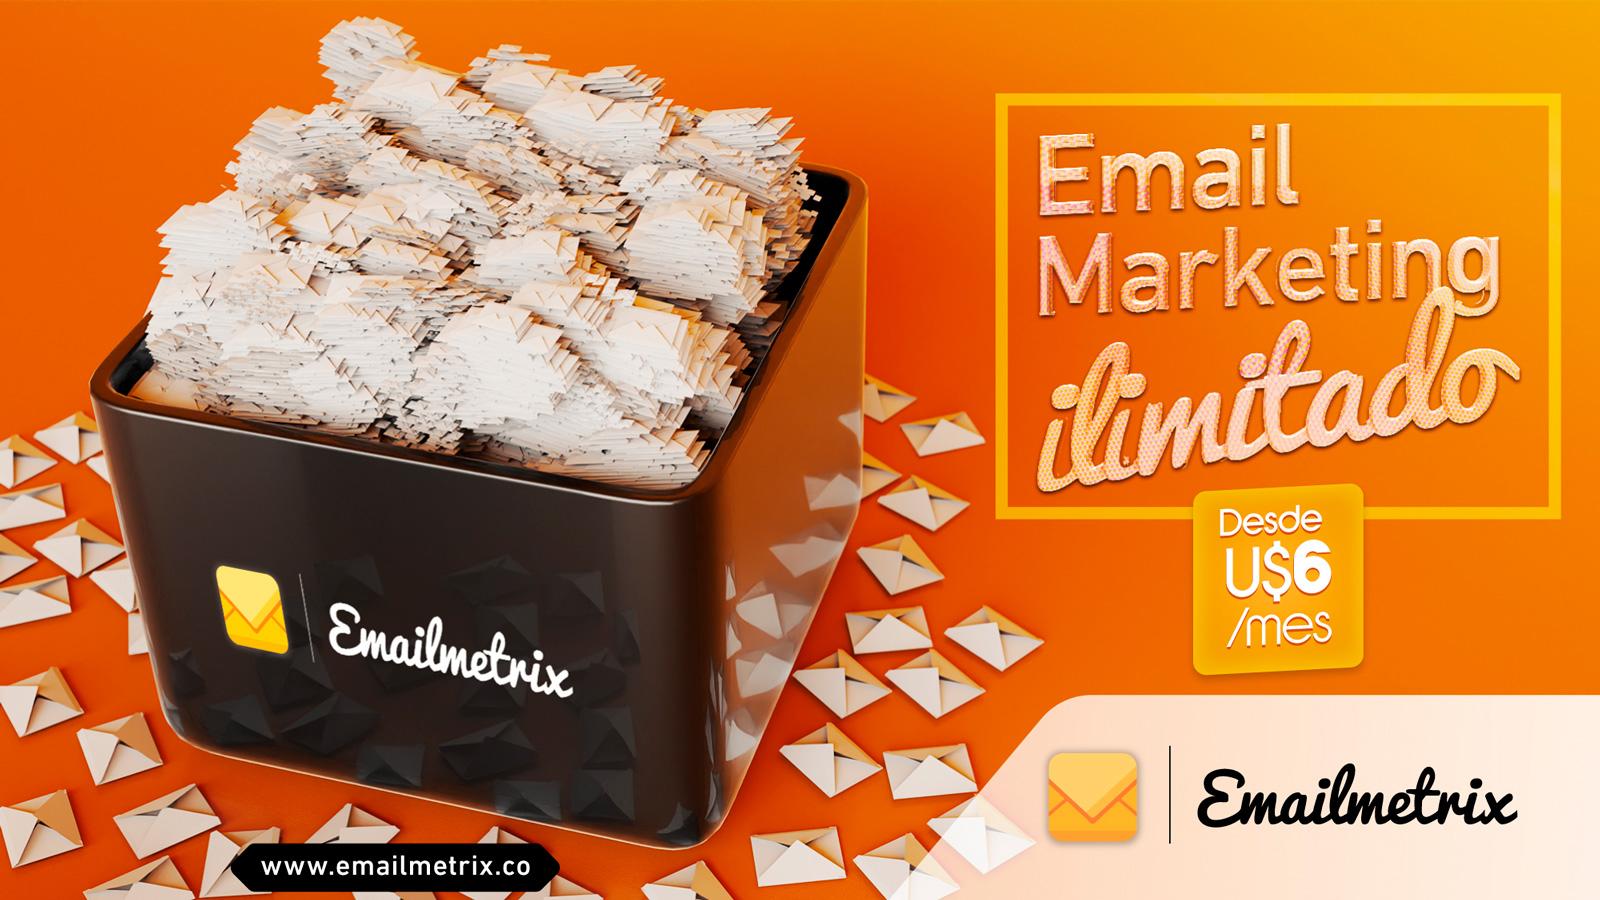 EmailMetrix